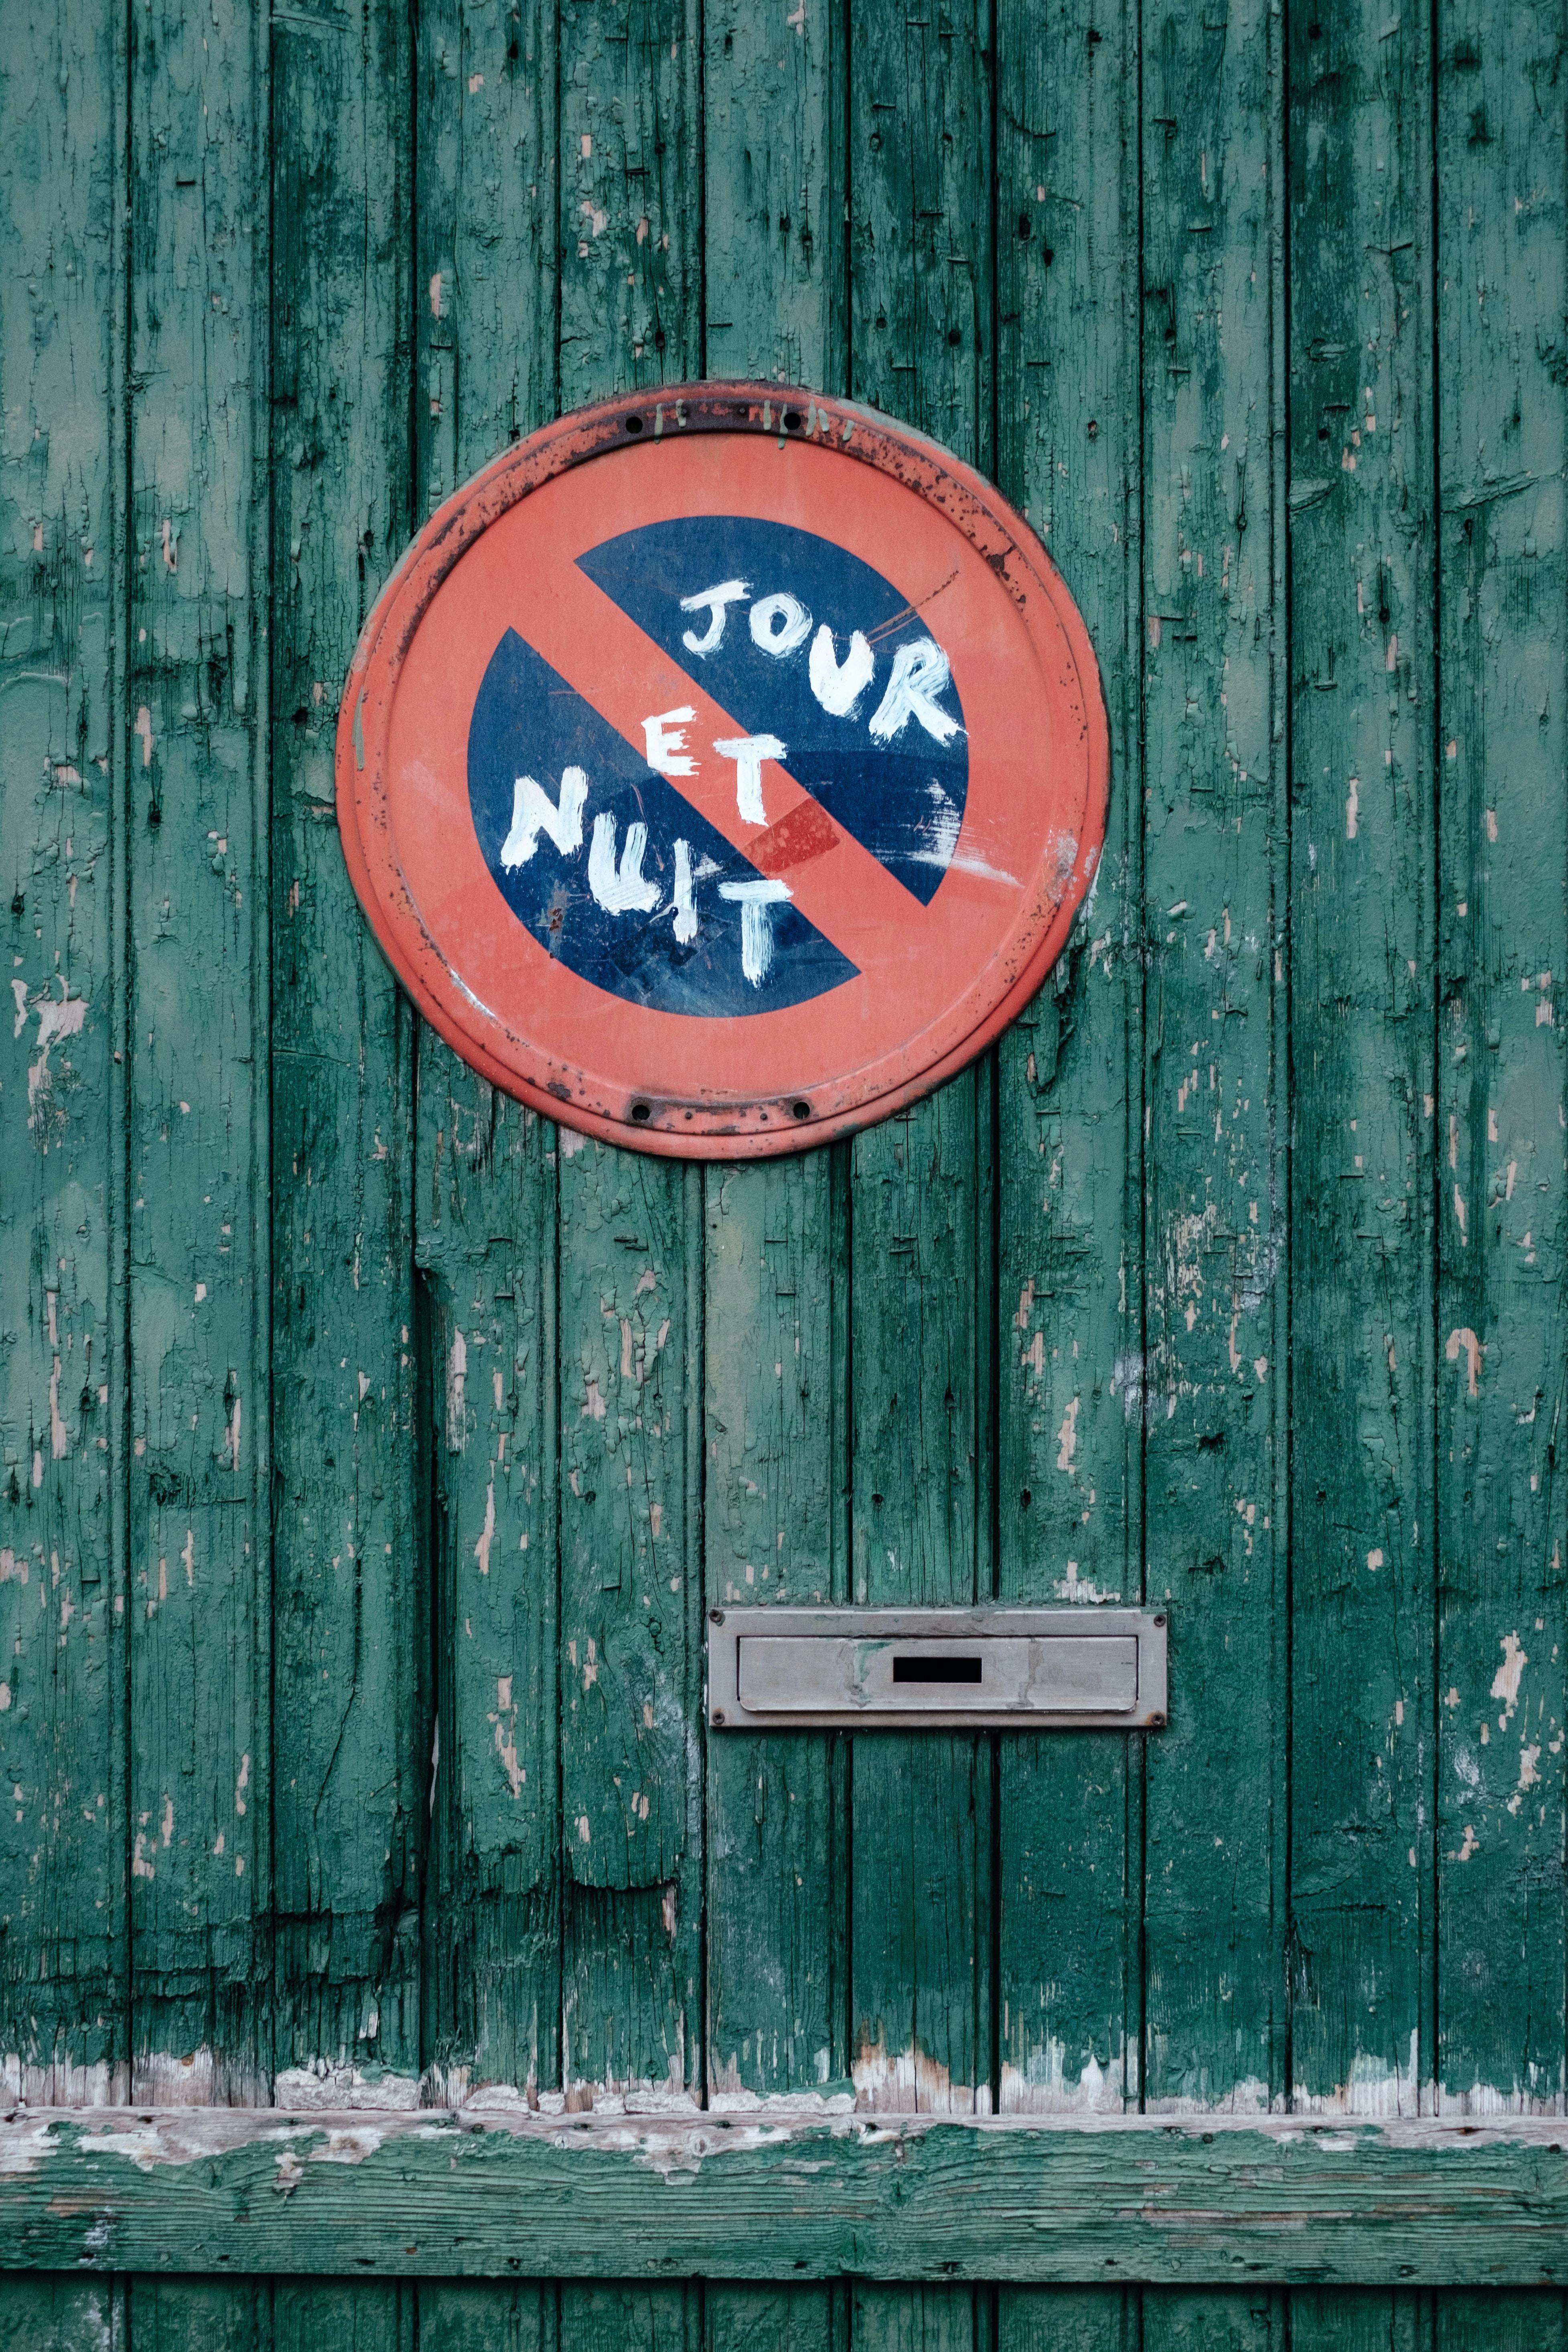 Tour Et Nut signage